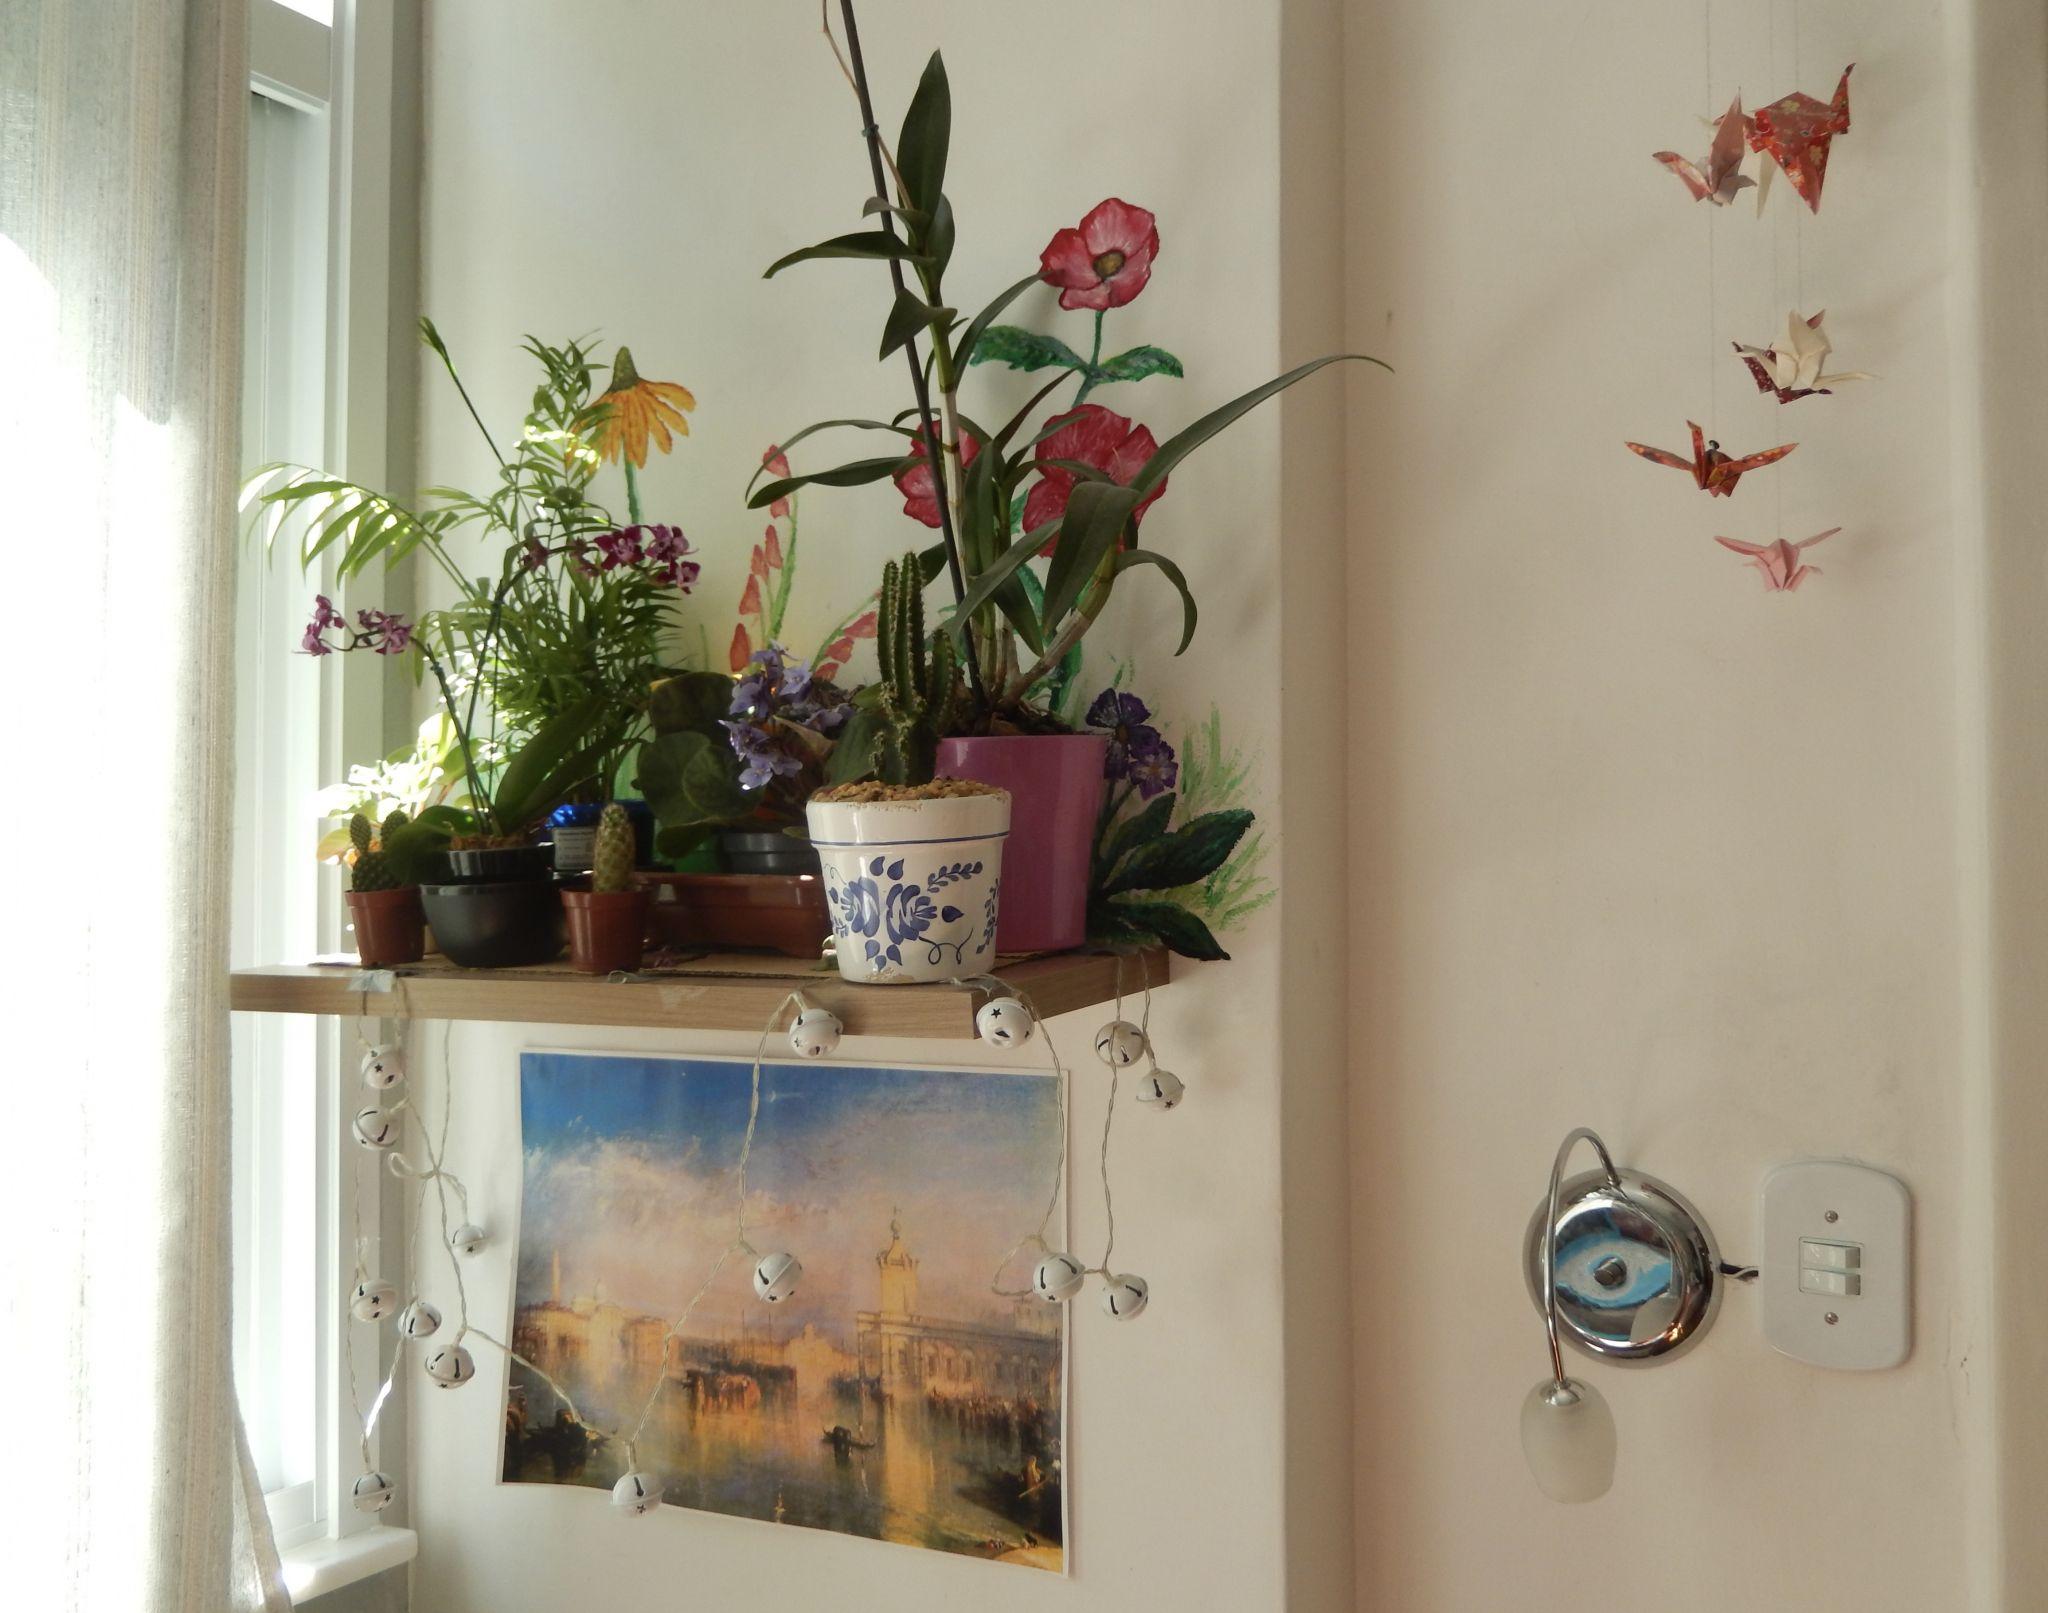 Wall mural in Airbnb rental